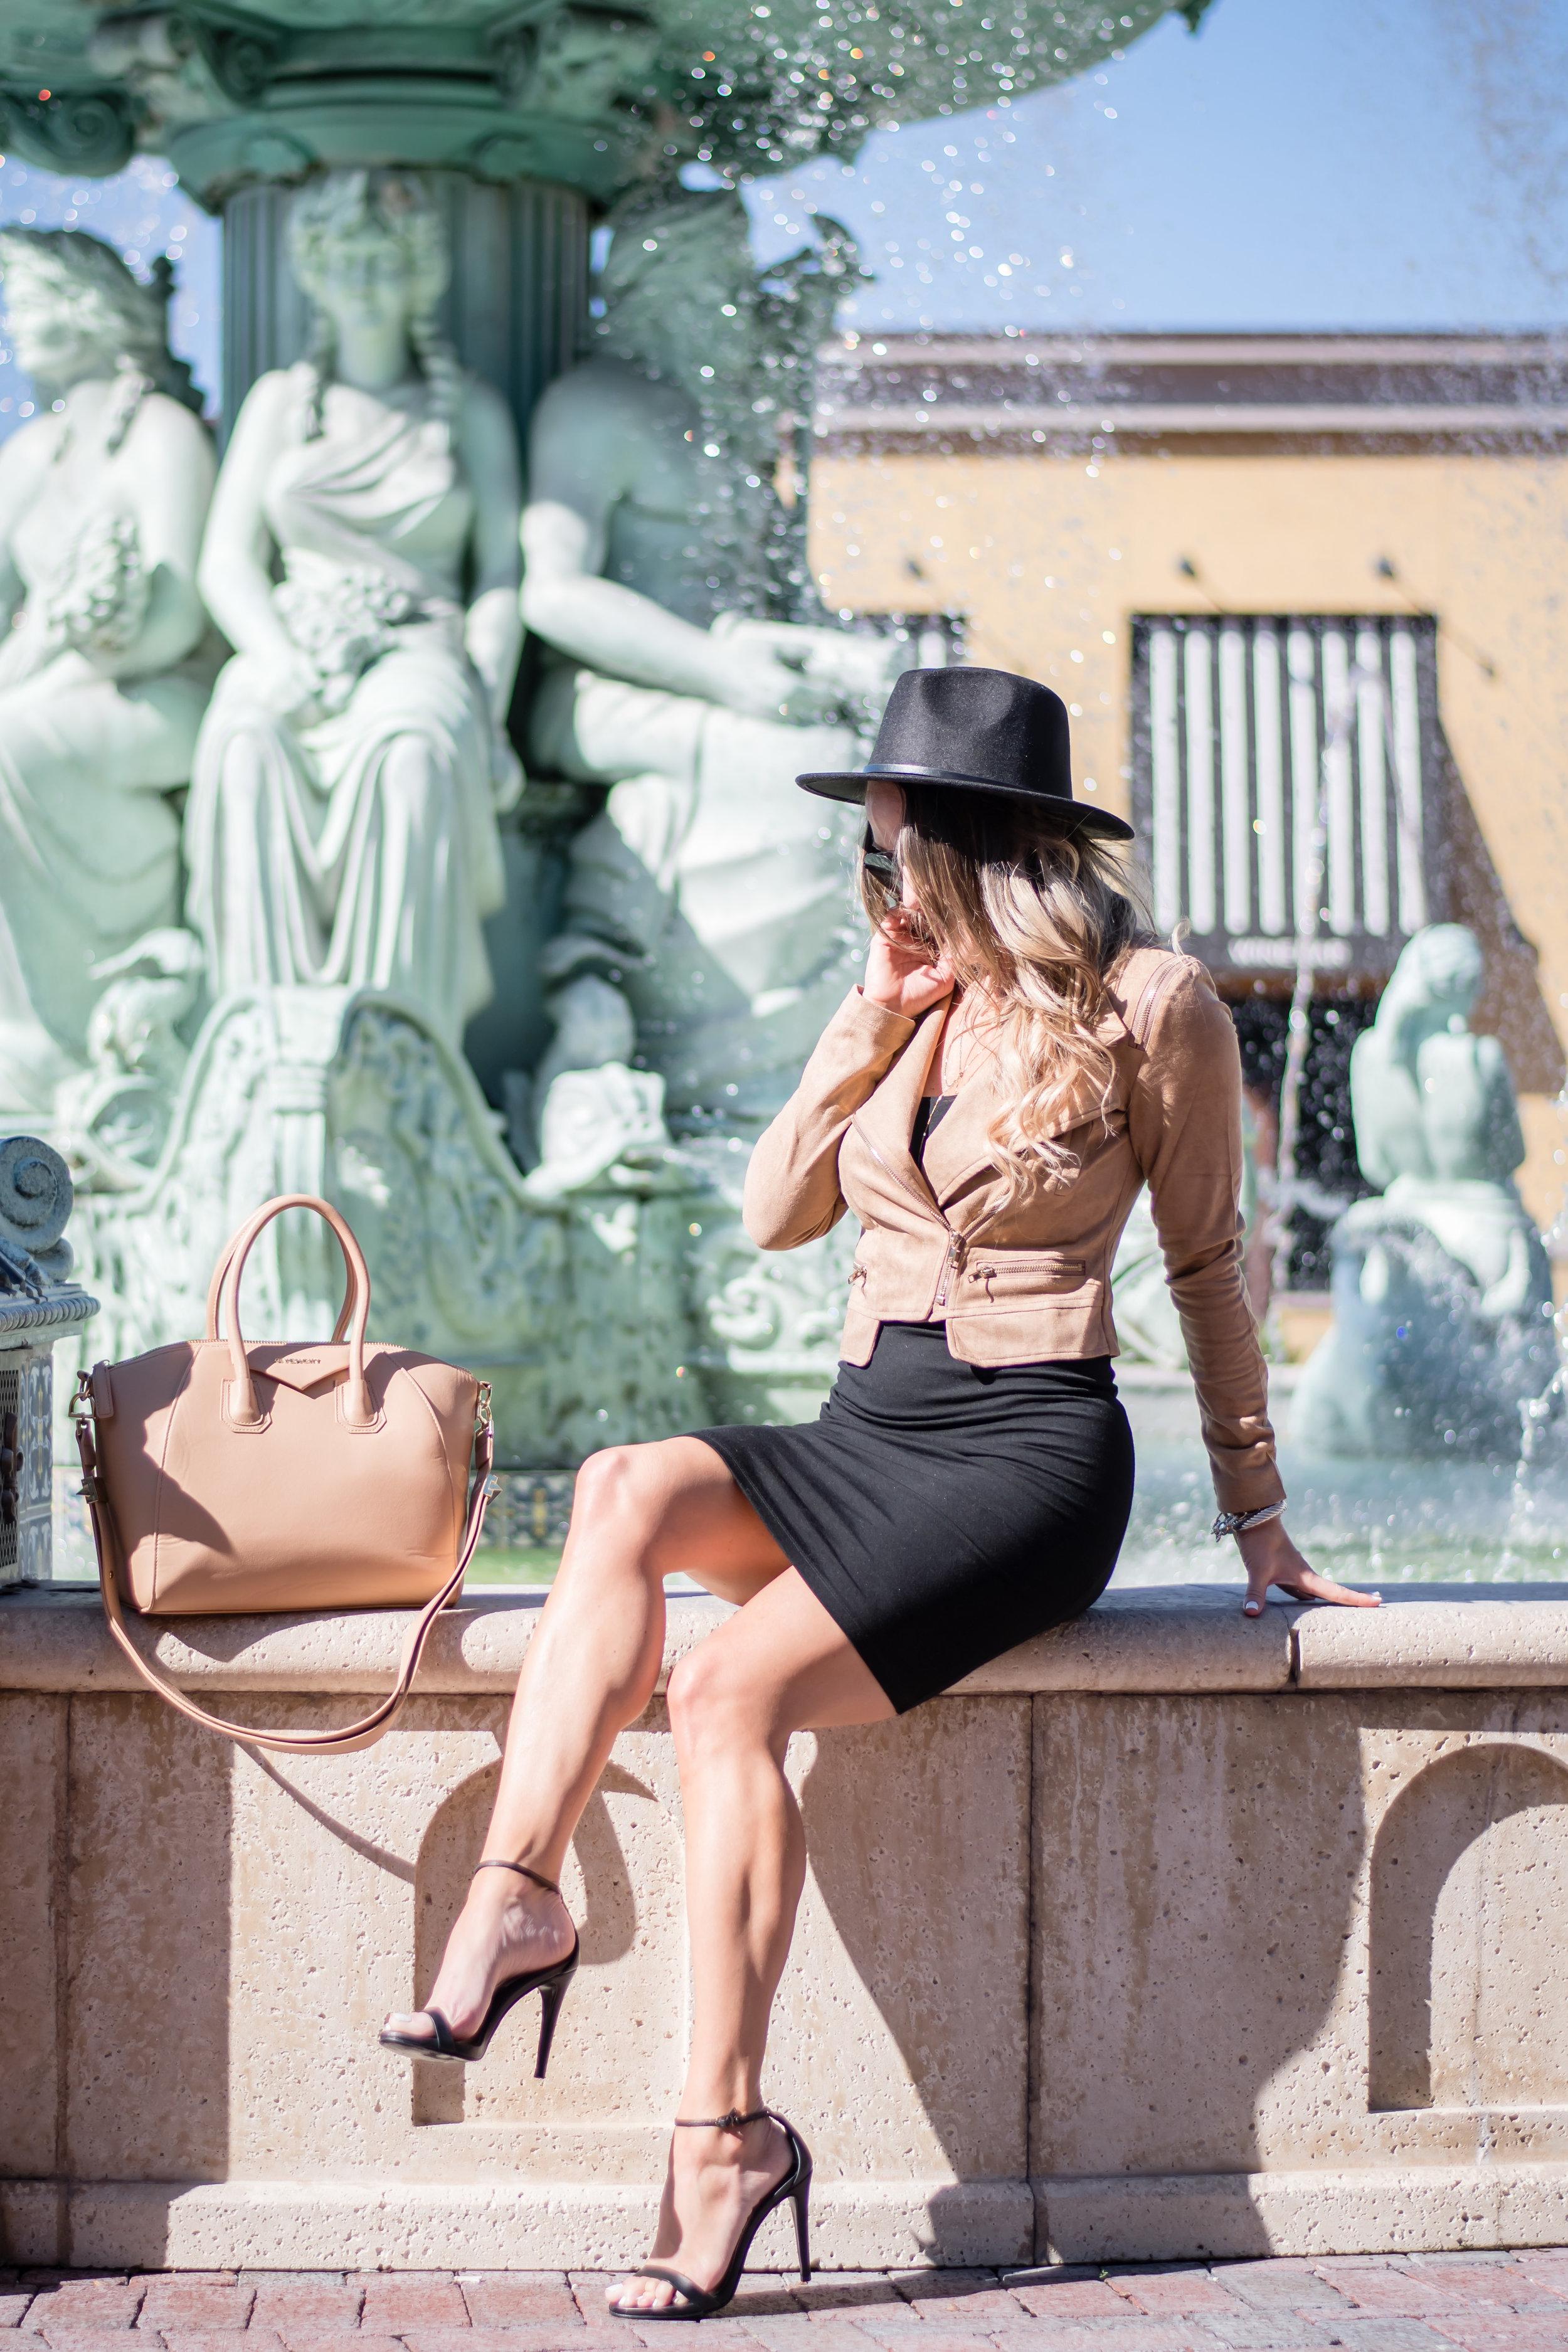 fashion-photoshoot-dellagio-orlando-photographer-yanitza-ninett-4.jpg